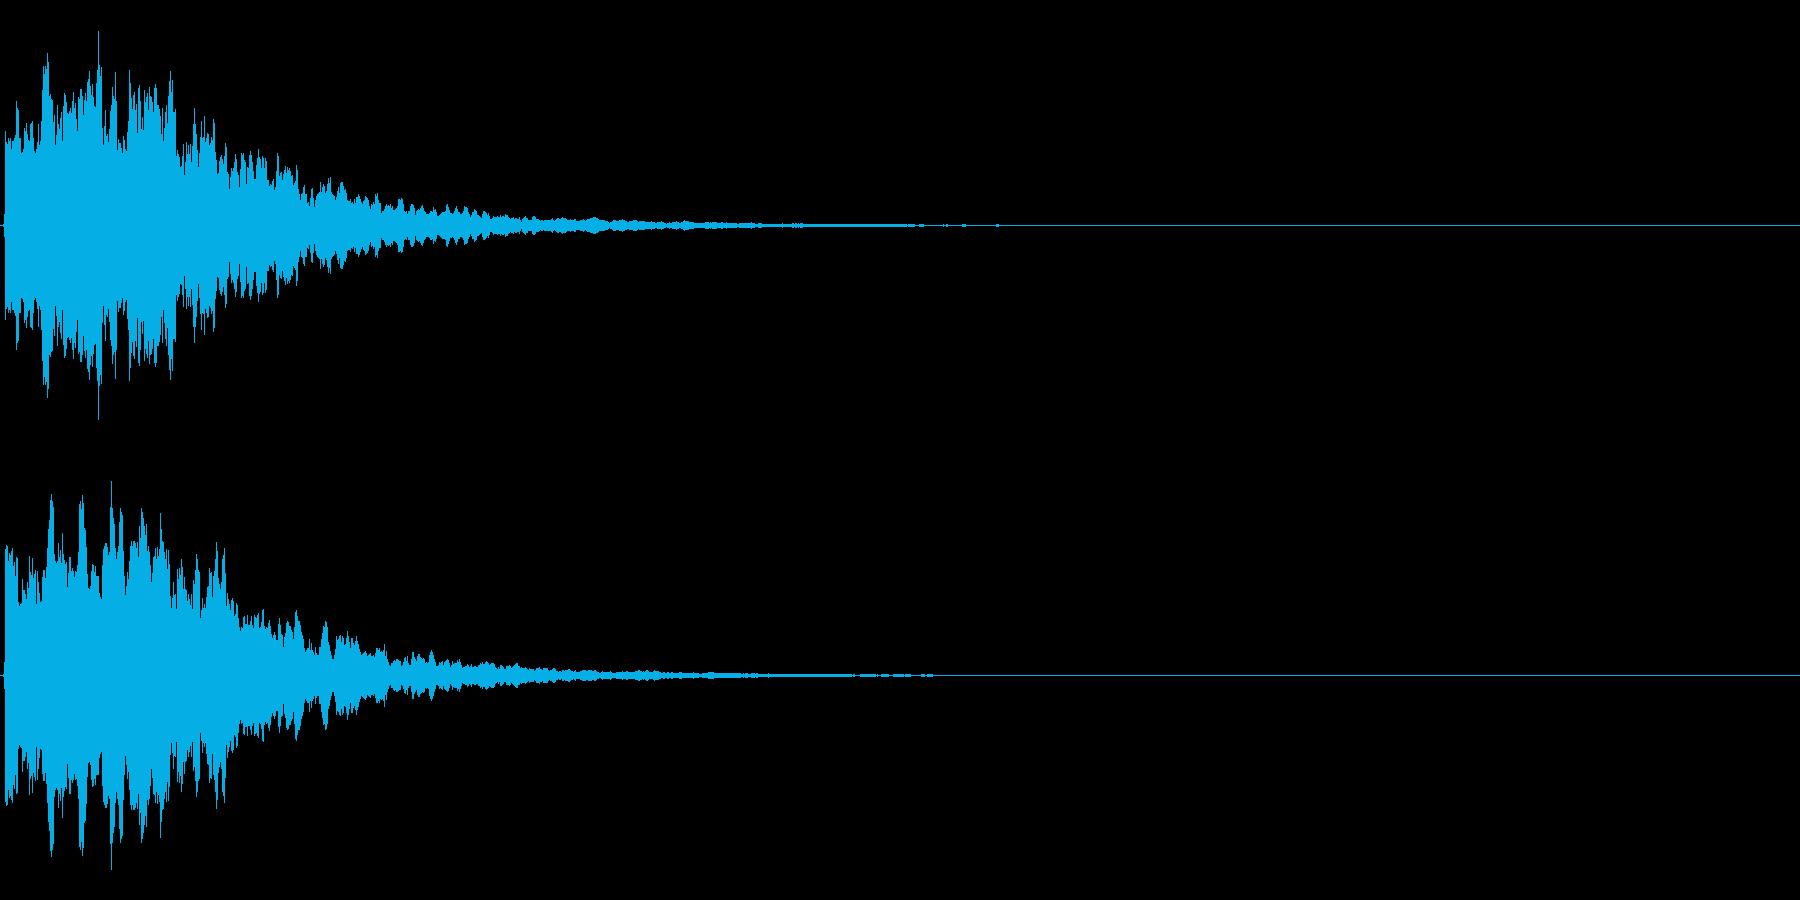 ゲームスタート、決定、ボタン音-081の再生済みの波形